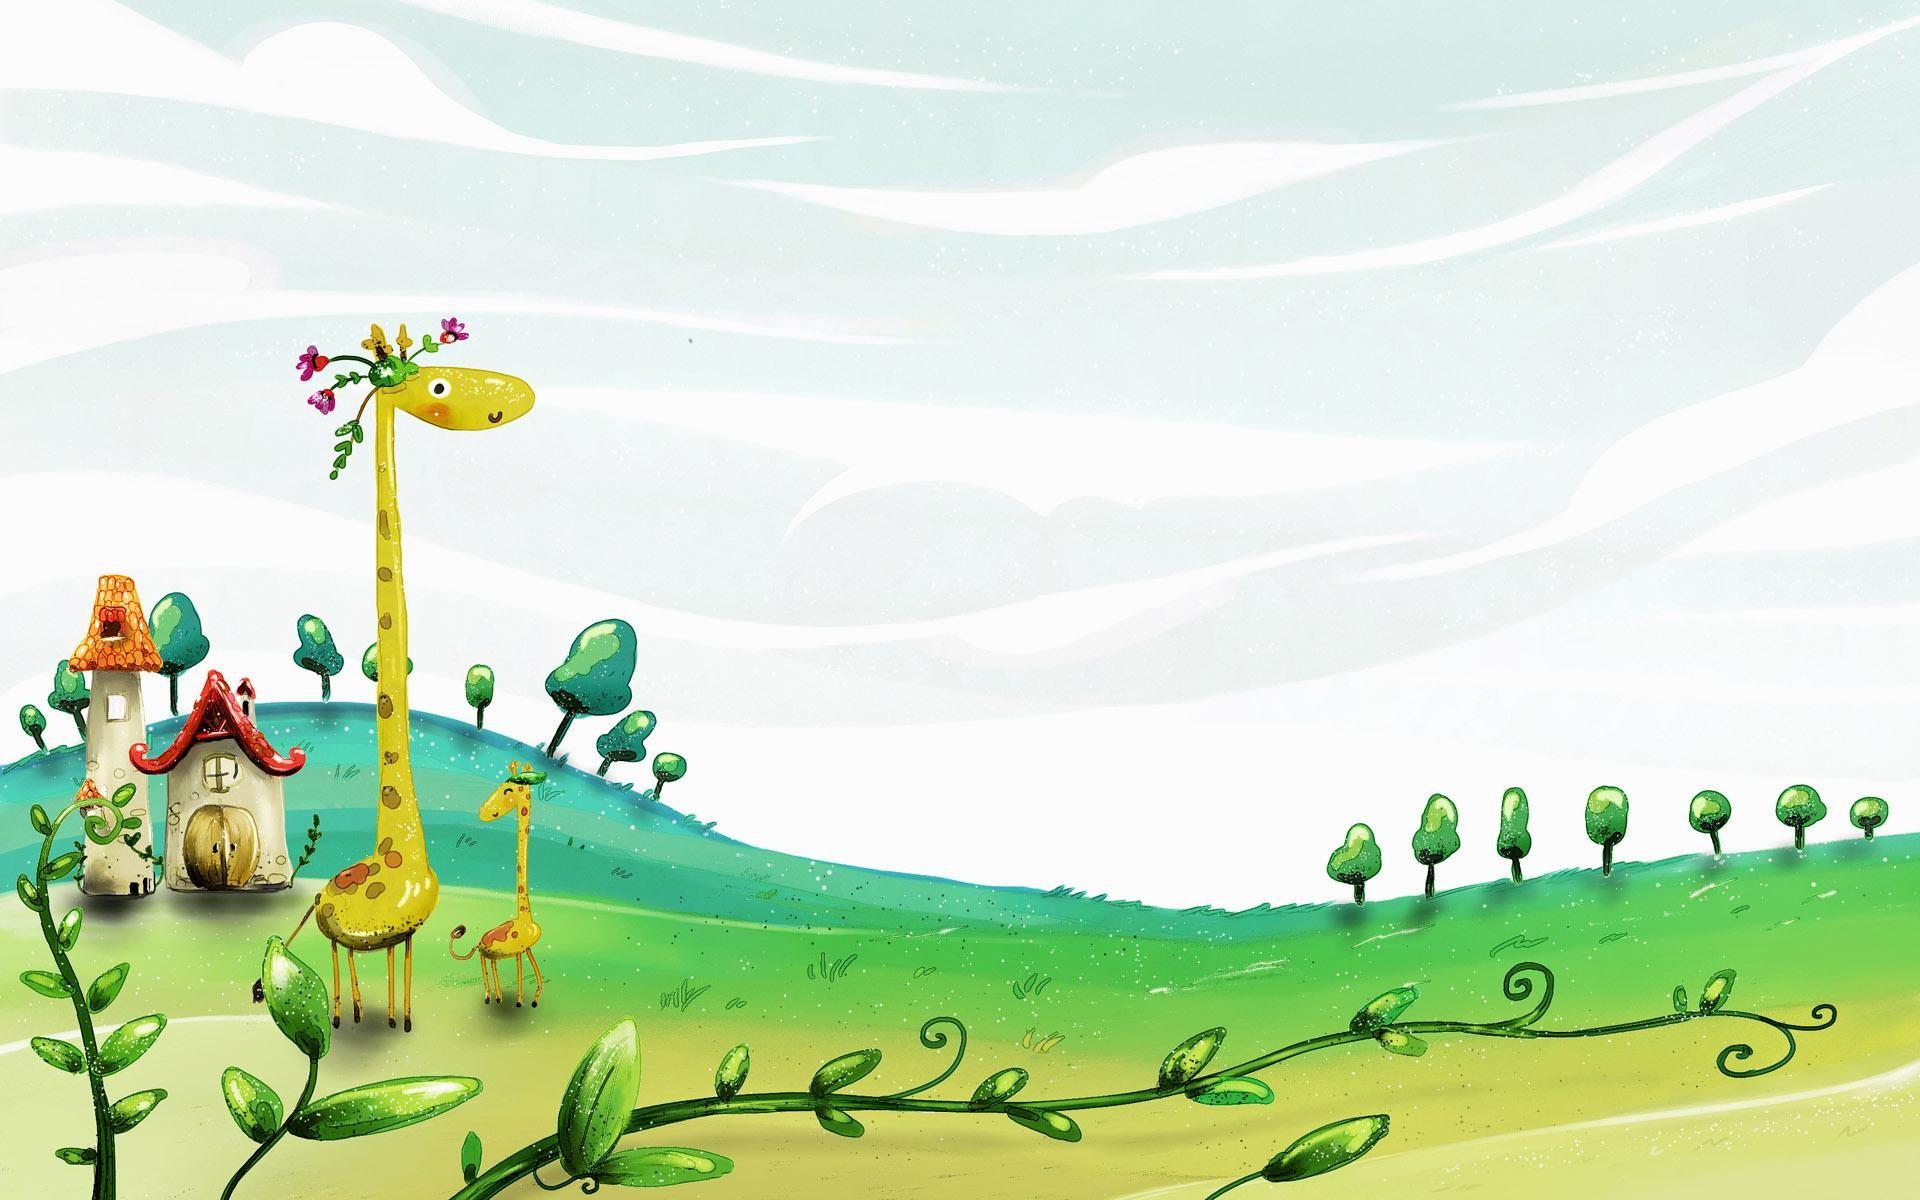 Giraffe-Desktop-Cartoon-HD-Wallpapers